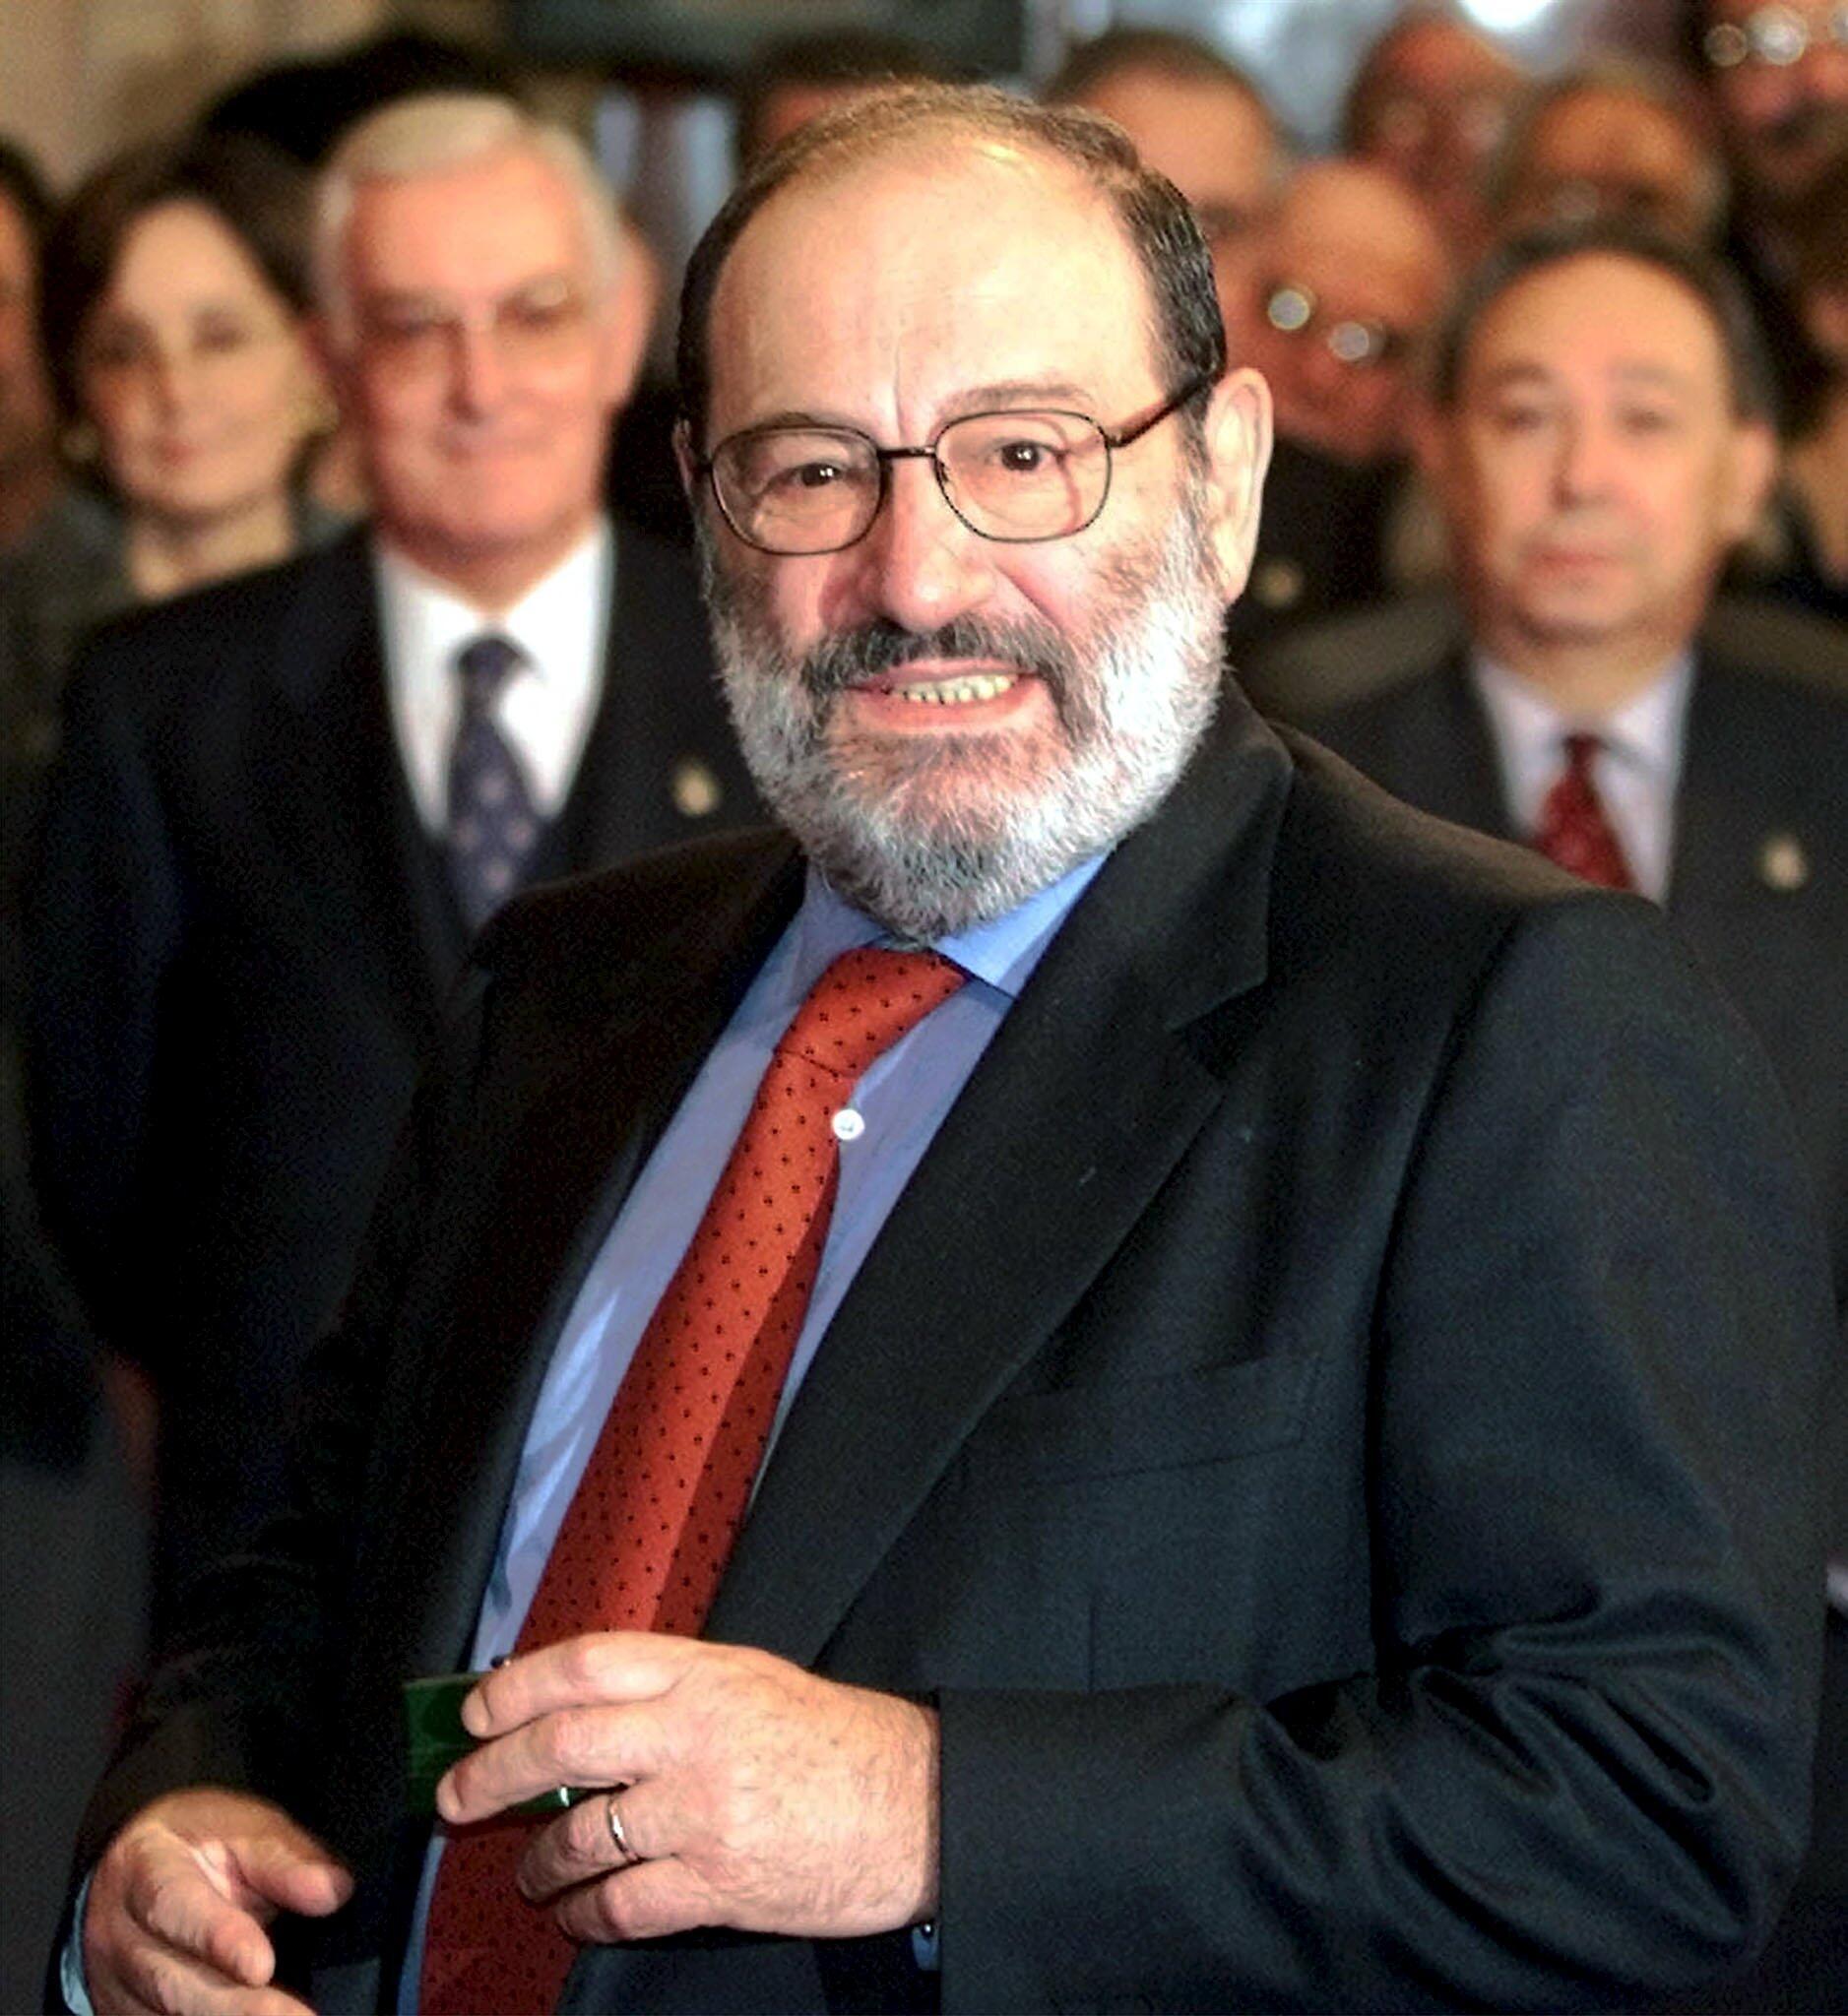 Итальянский писатель, философ, профессор семиотики Умберто Эко